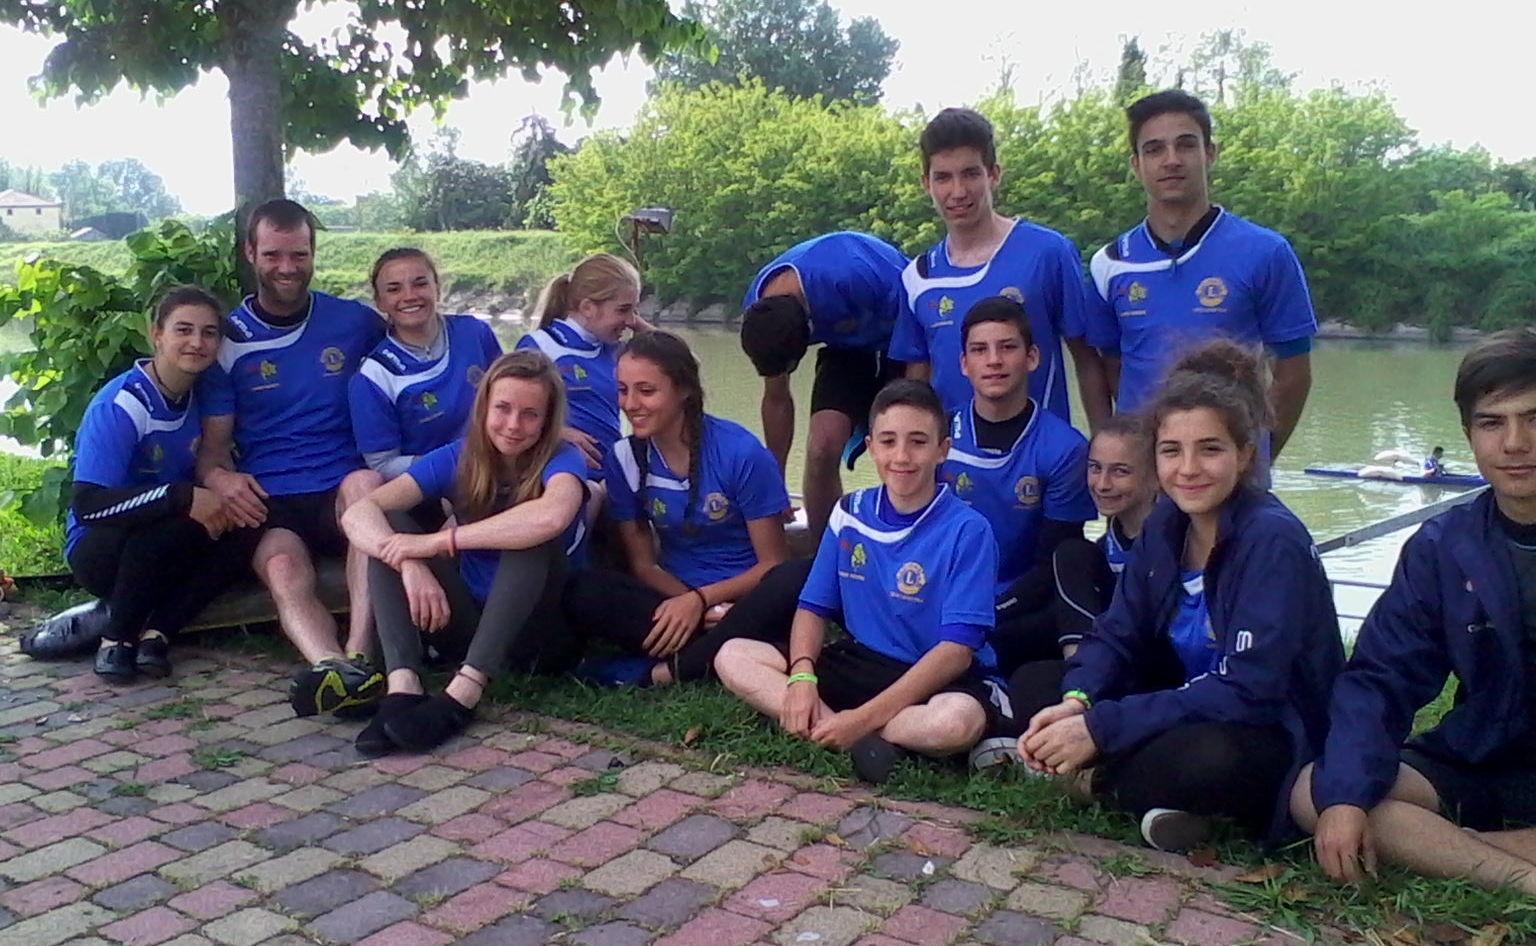 Squadra Lions  di Canoa giovanile